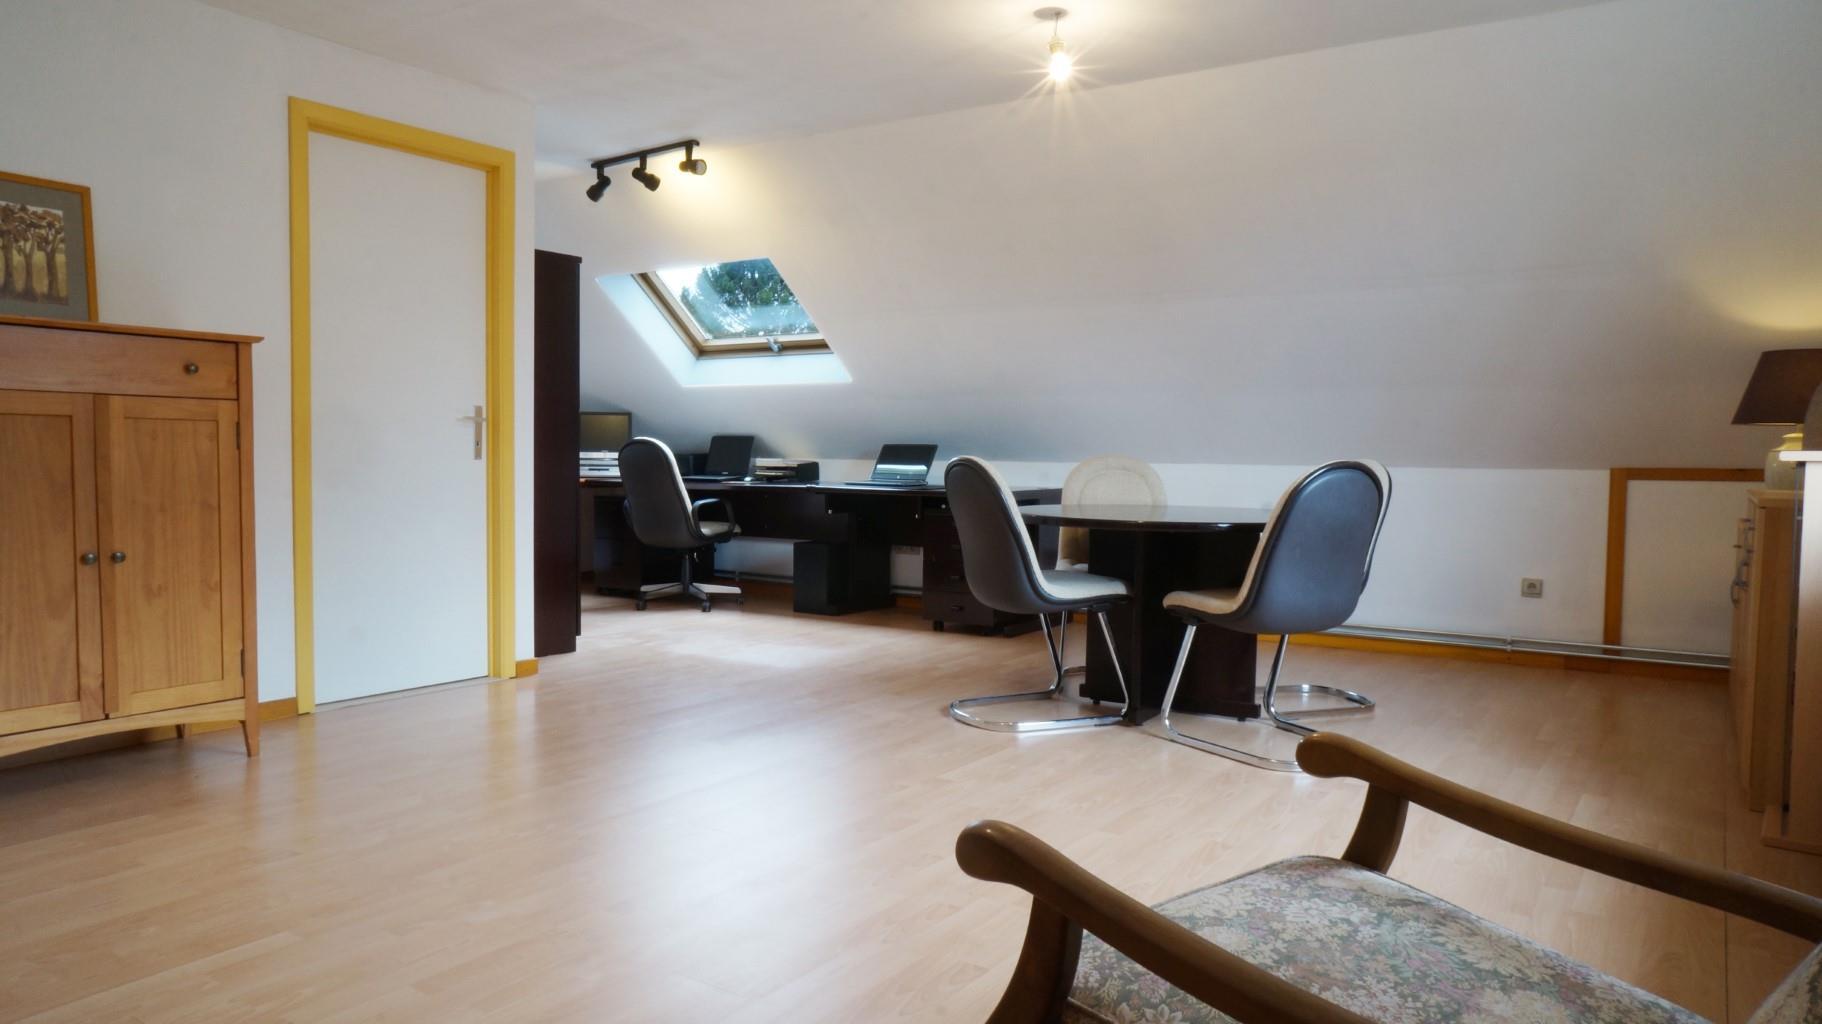 Maison - Perwez Thorembais-Saint-Trond - #4027352-17